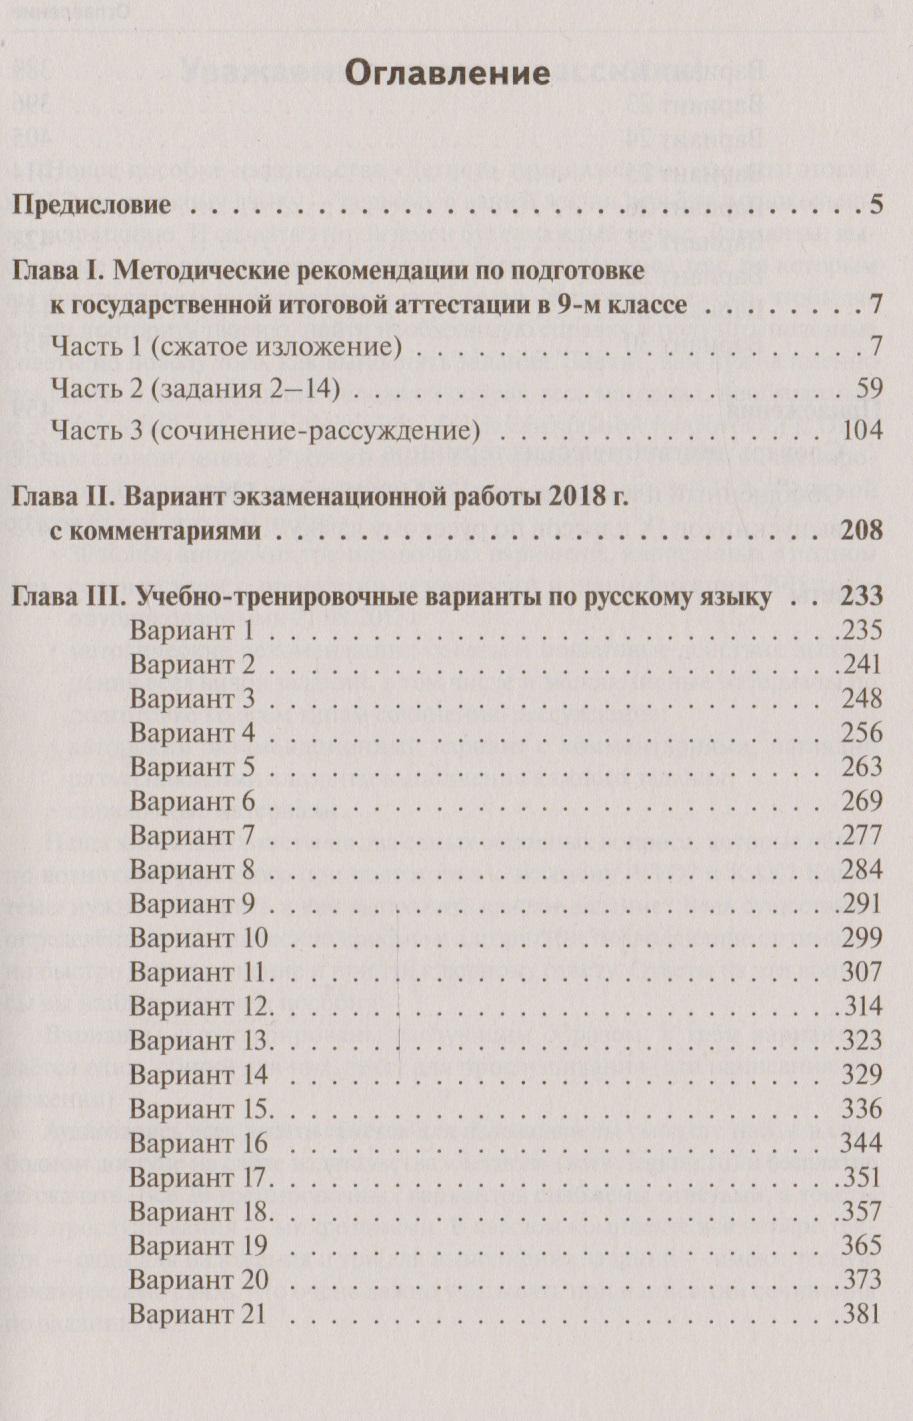 Обществознание 11 класс 2 вариант 2018 год